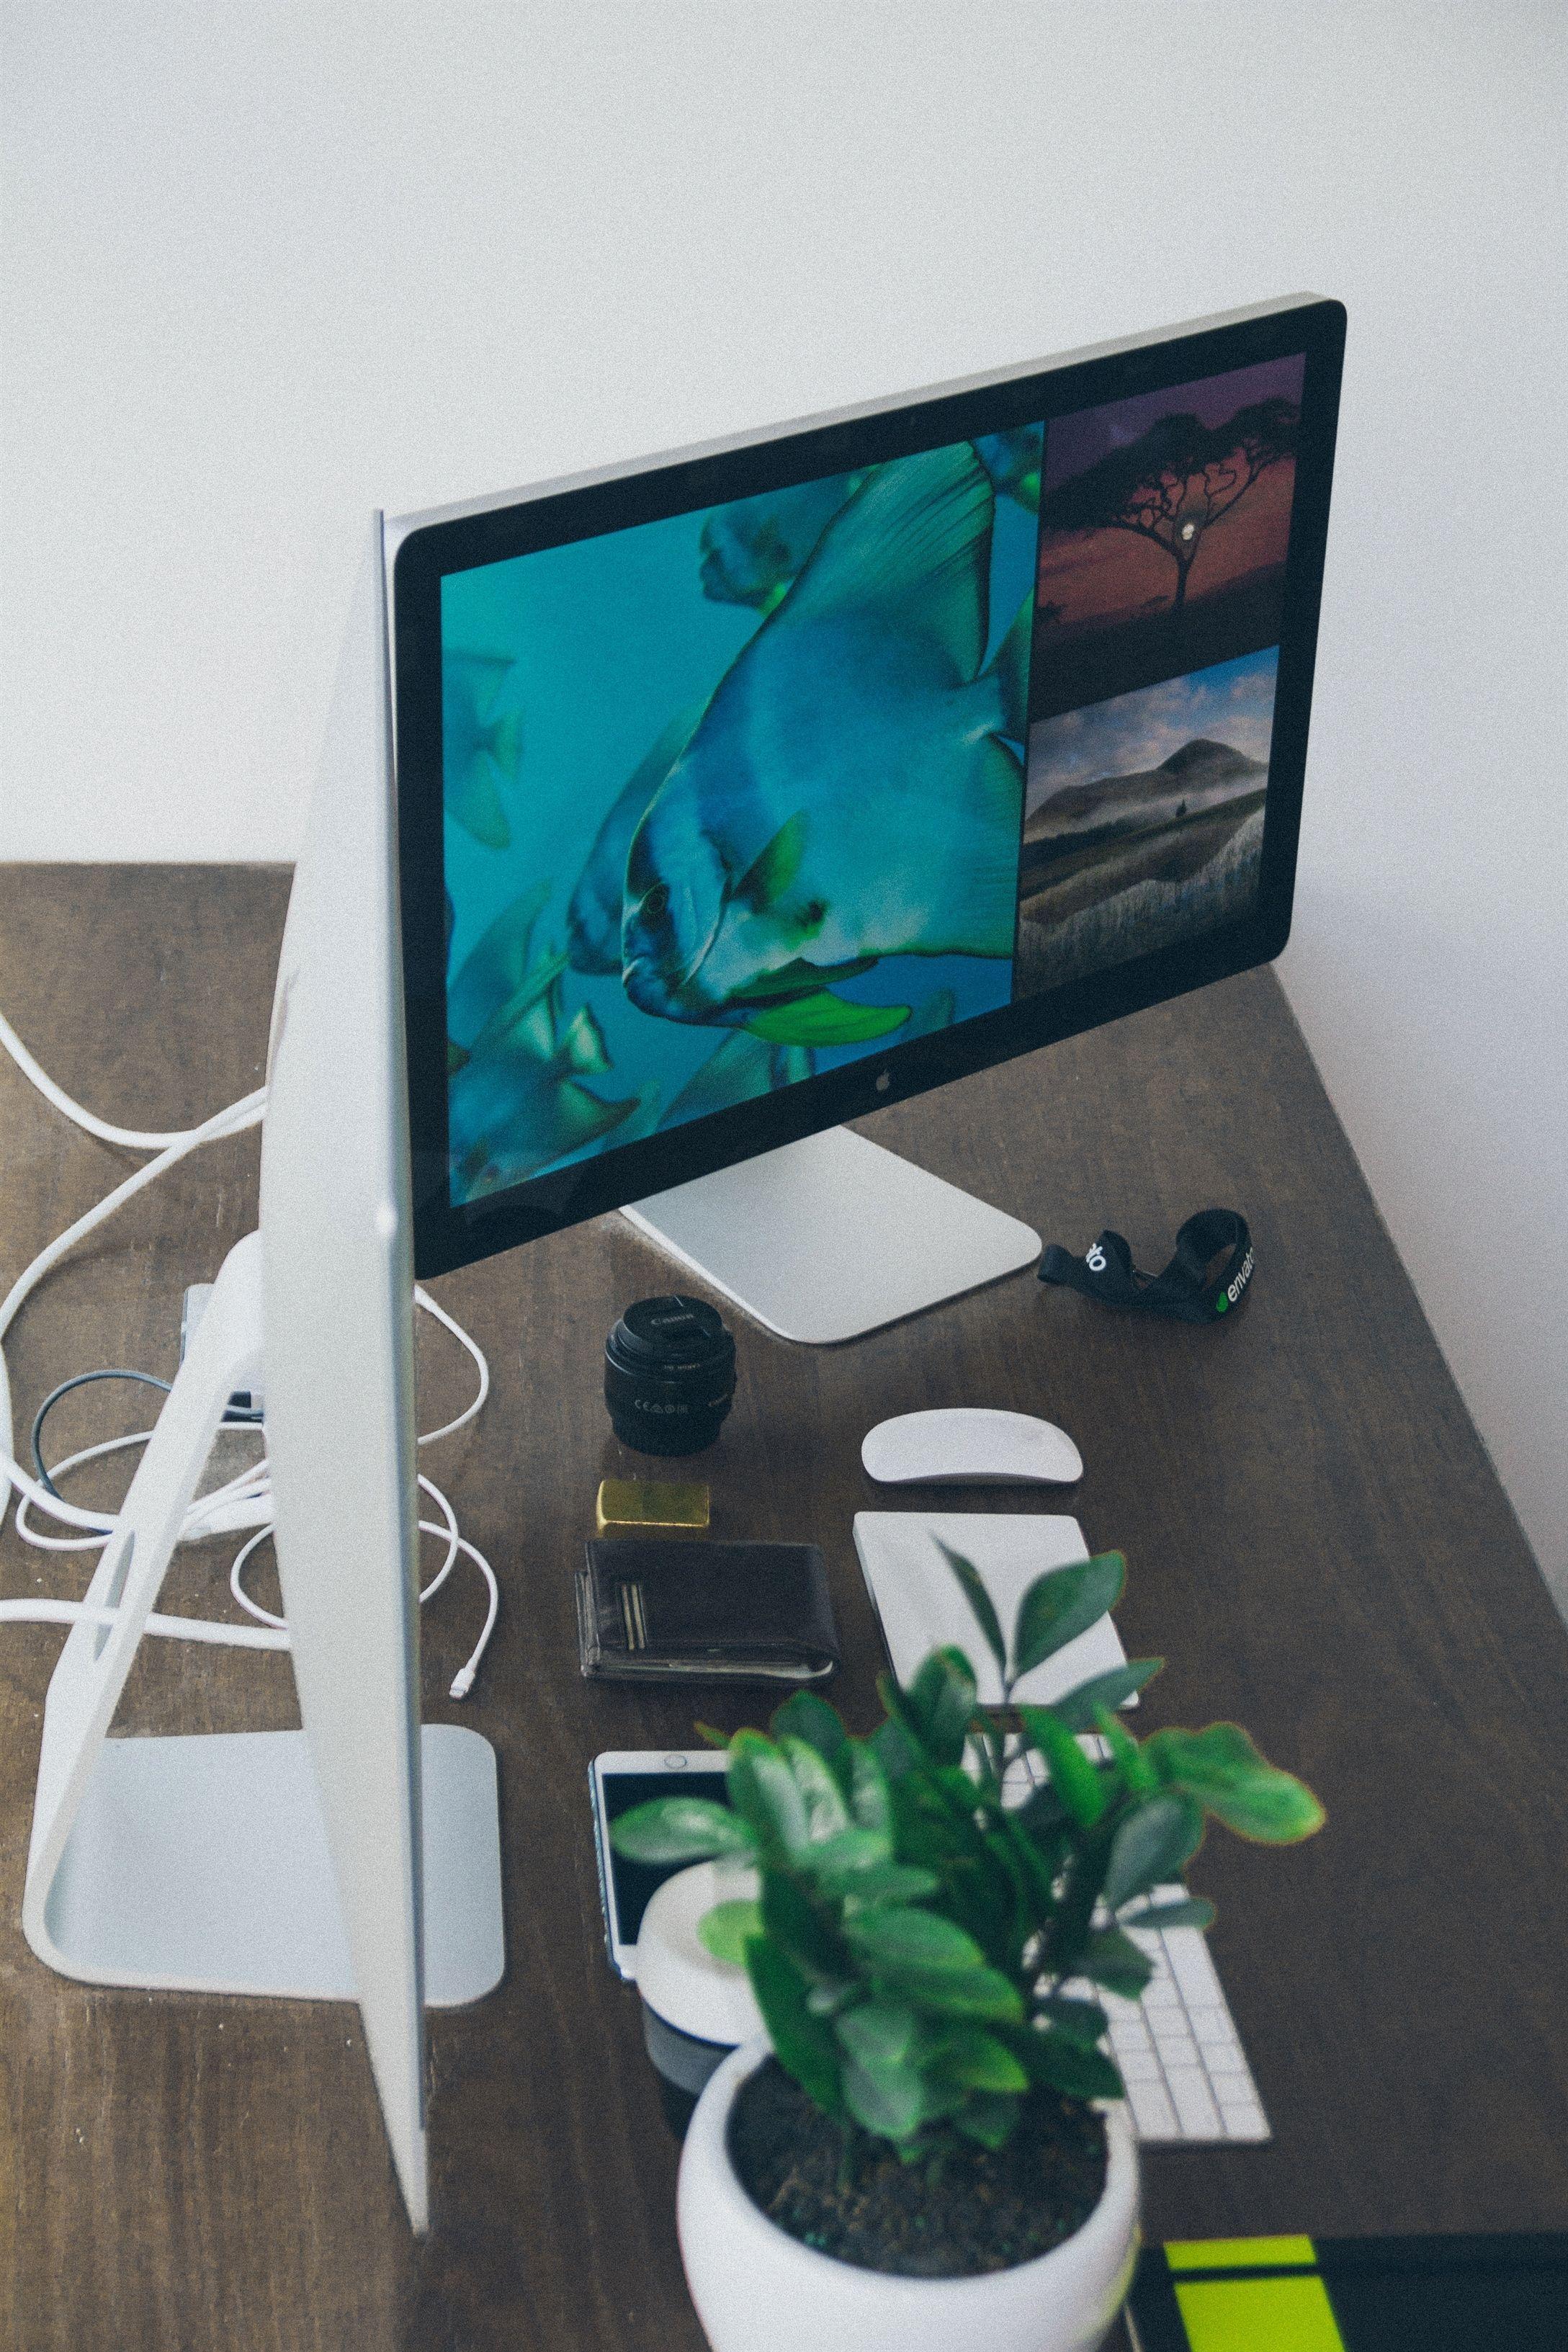 Apple Desk Office 60740 Wallpaper #Home Decor, #Home Decor Designer